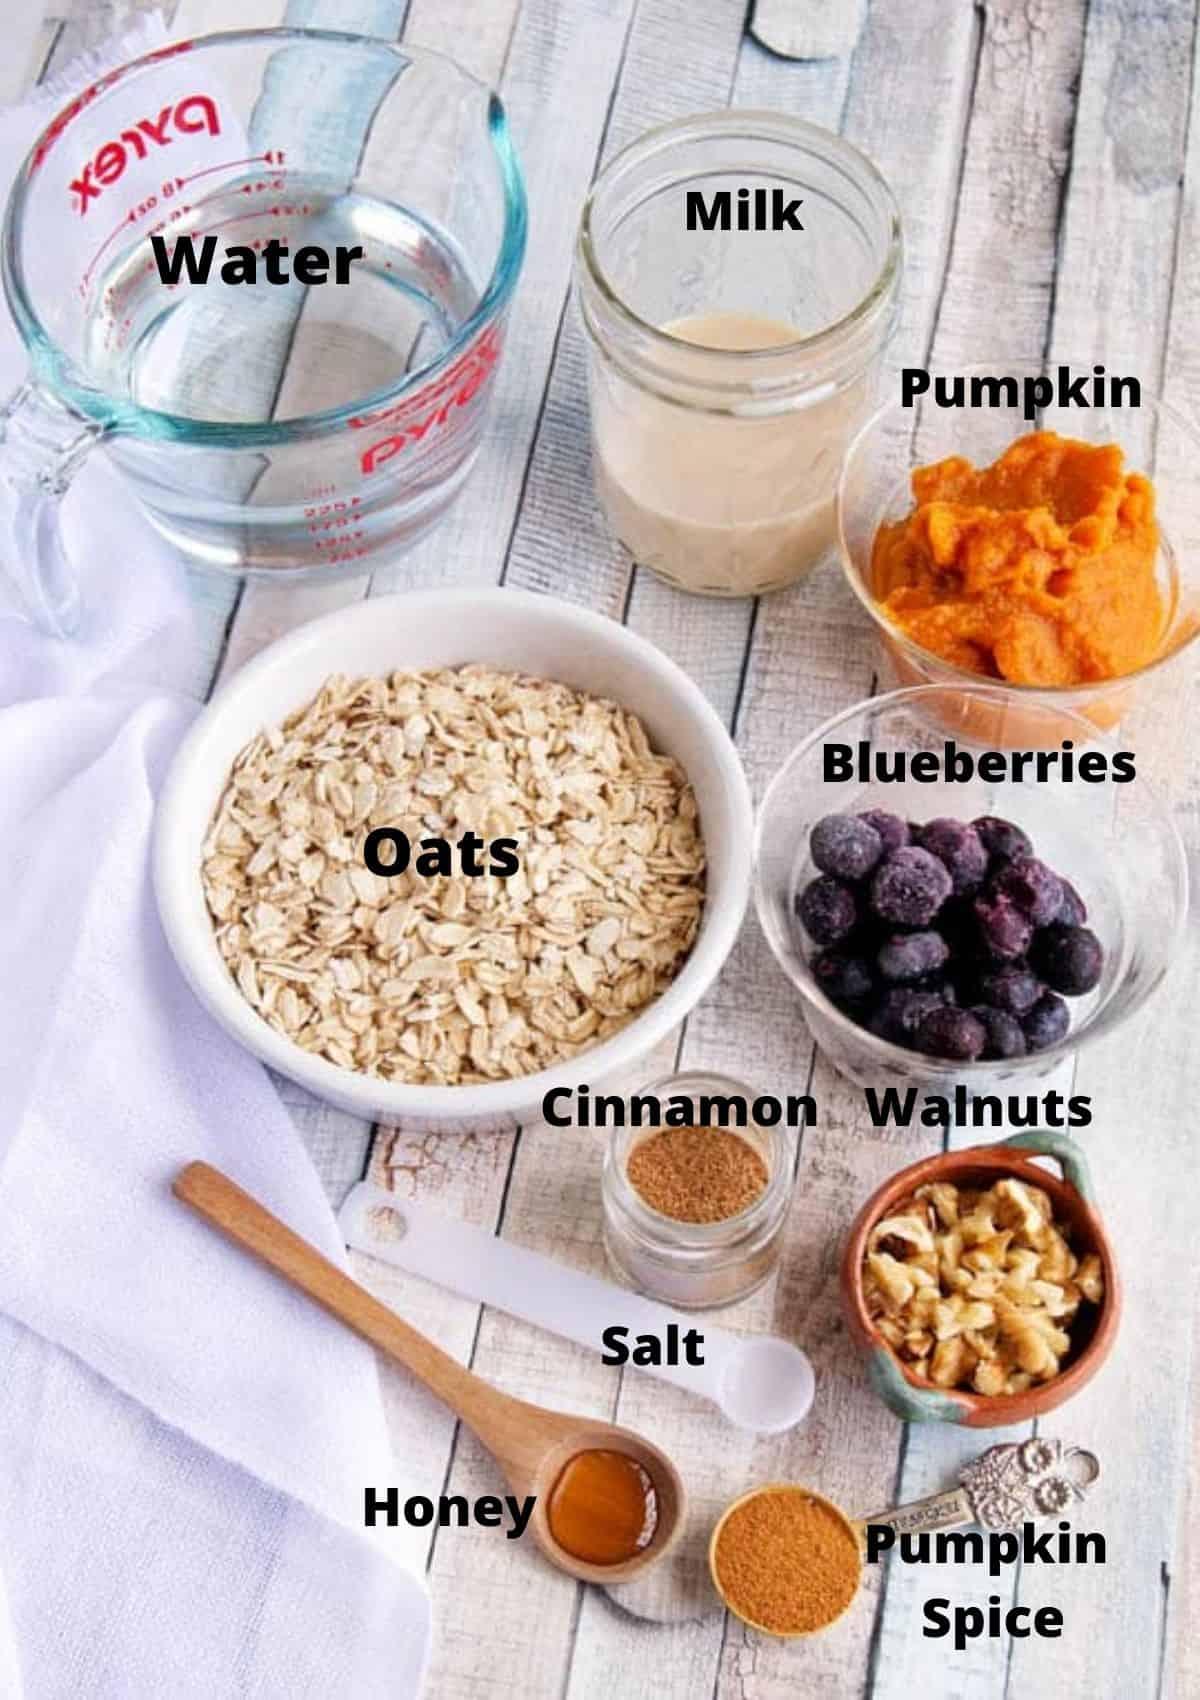 Pumpkin spice oatmeal ingredients: water, oats, milk, blueberries, pumpkin, walnuts, cinnamon, salt, honey, pumpkin spice.